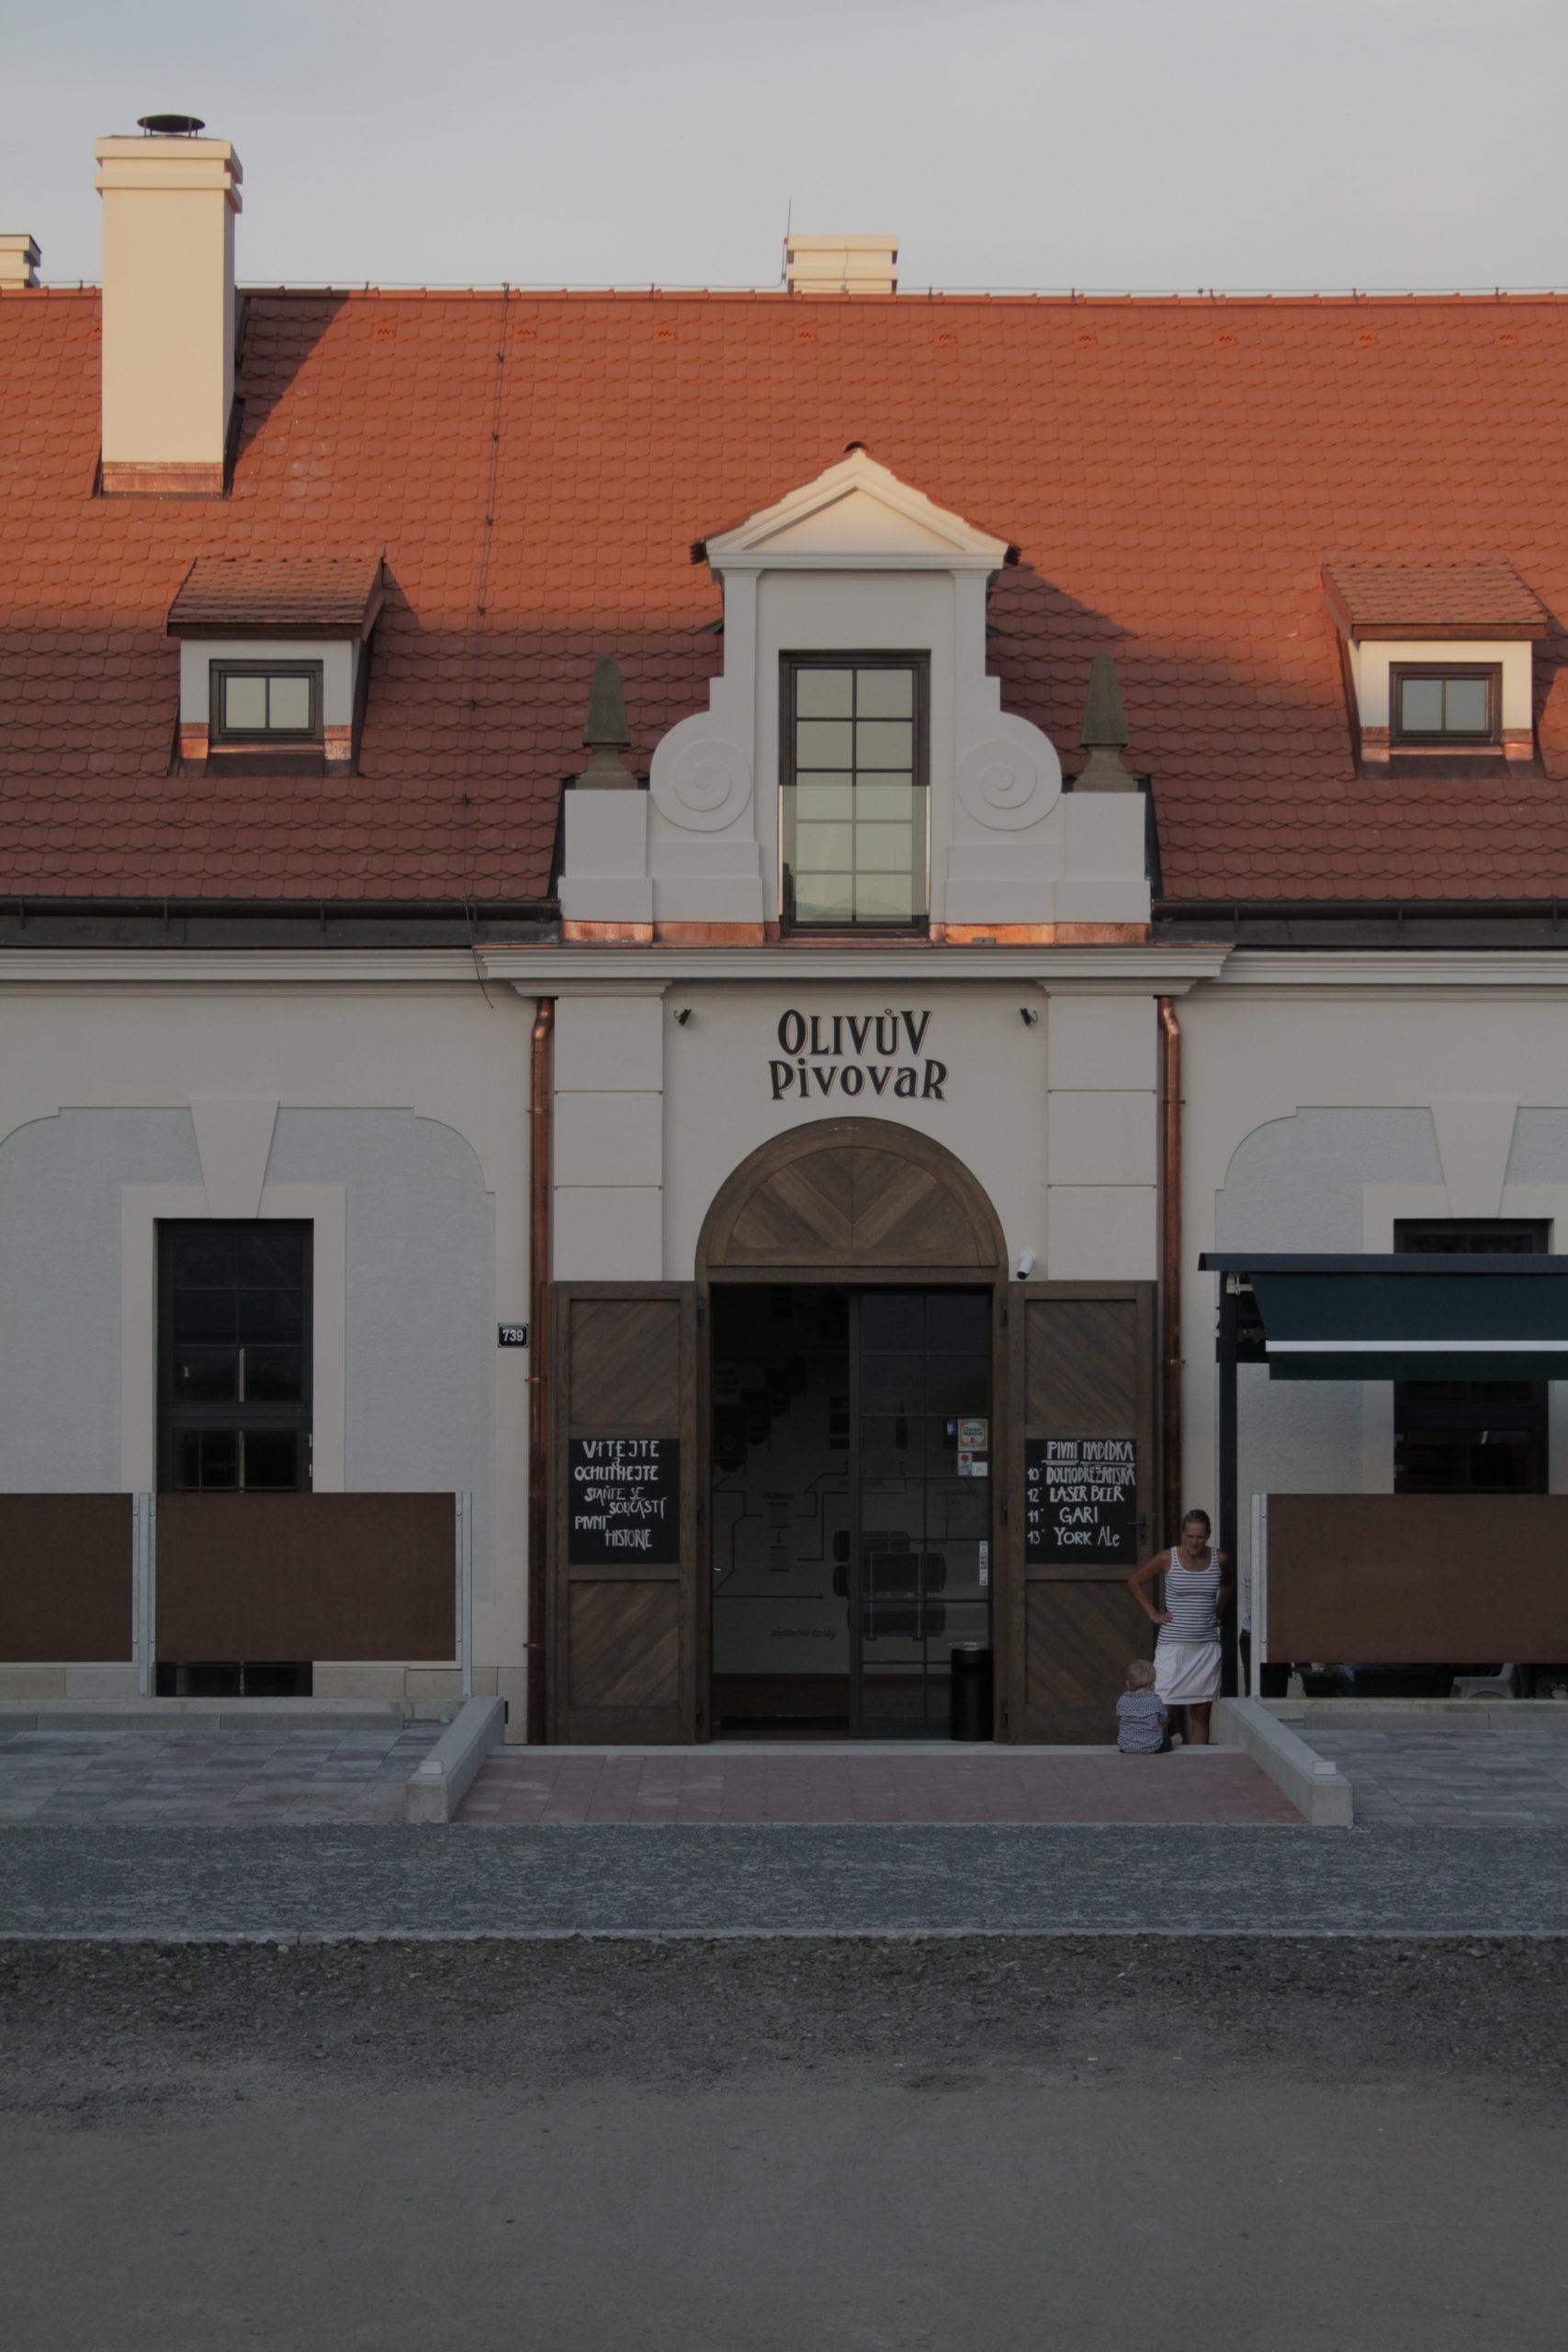 Olivův pivovar, exteriér restaurace